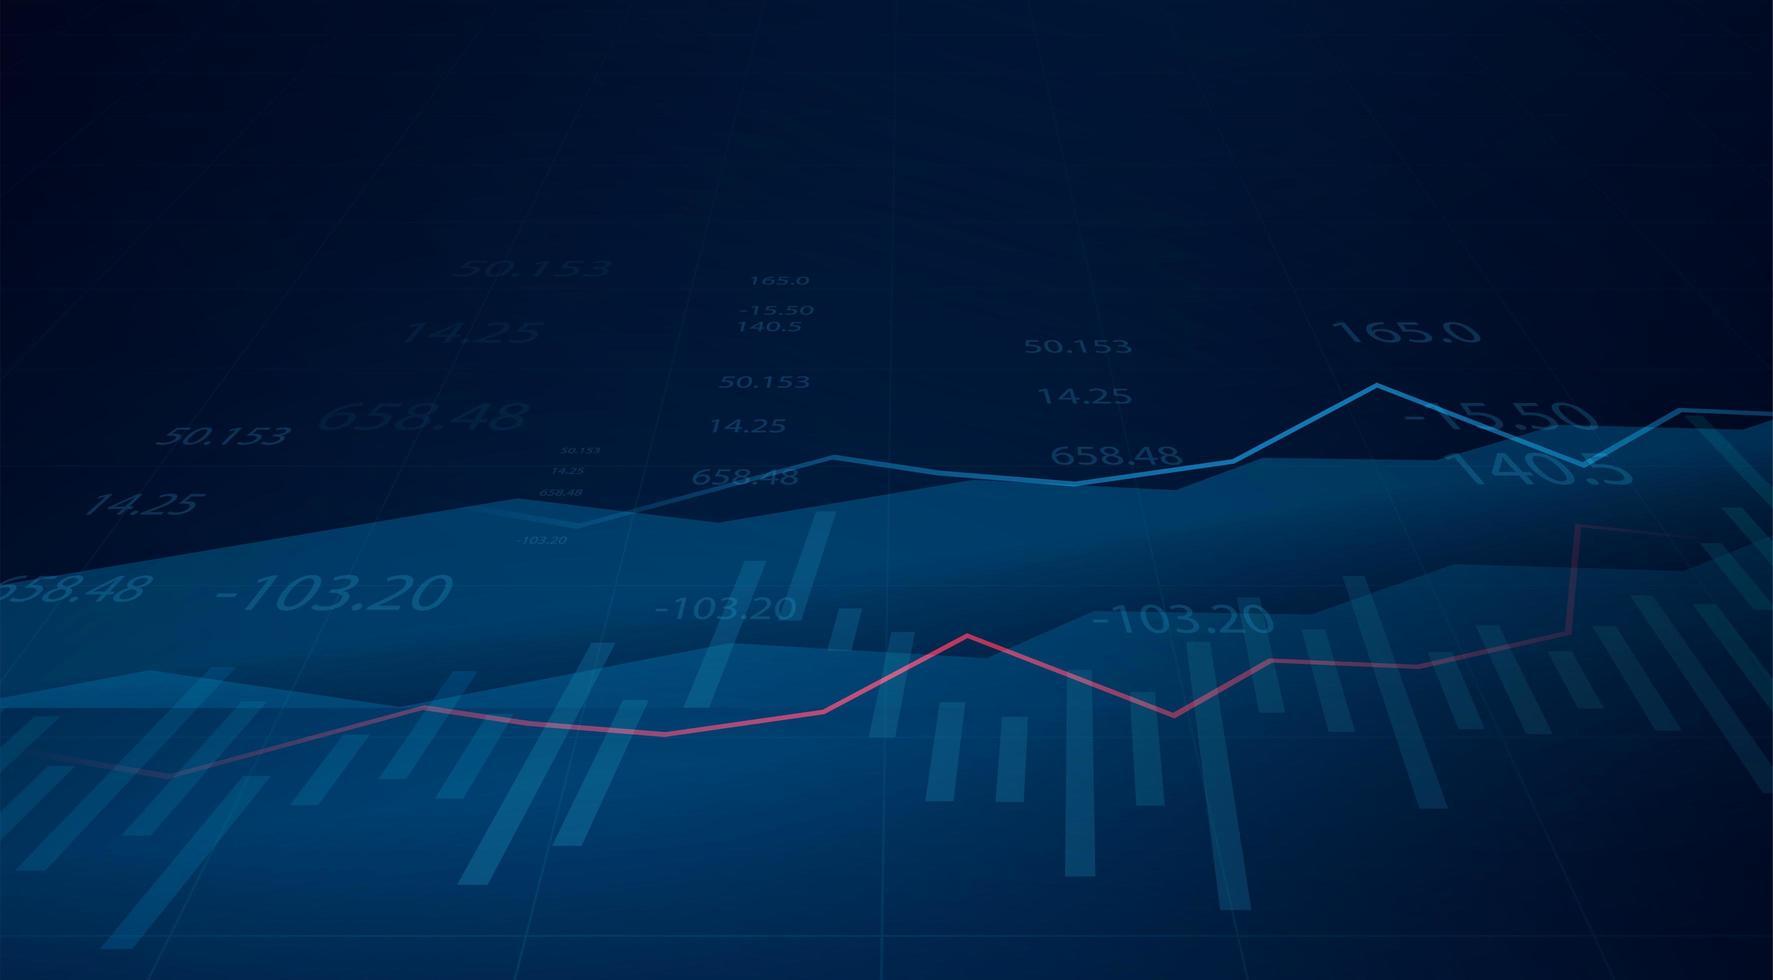 grafico grafico commerciale degli investimenti del mercato azionario su sfondo blu vettore